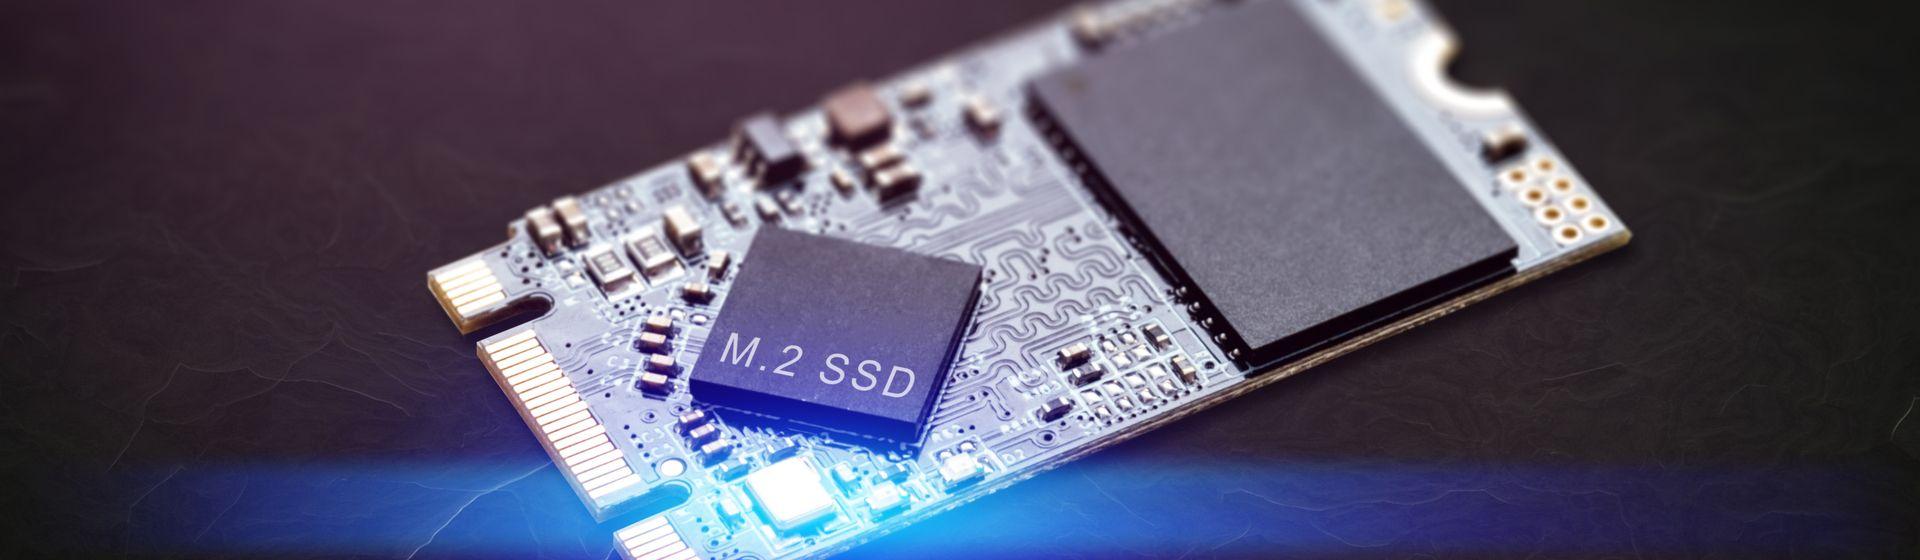 Melhor SSD 120GB: 6 bons modelos para comprar em 2021